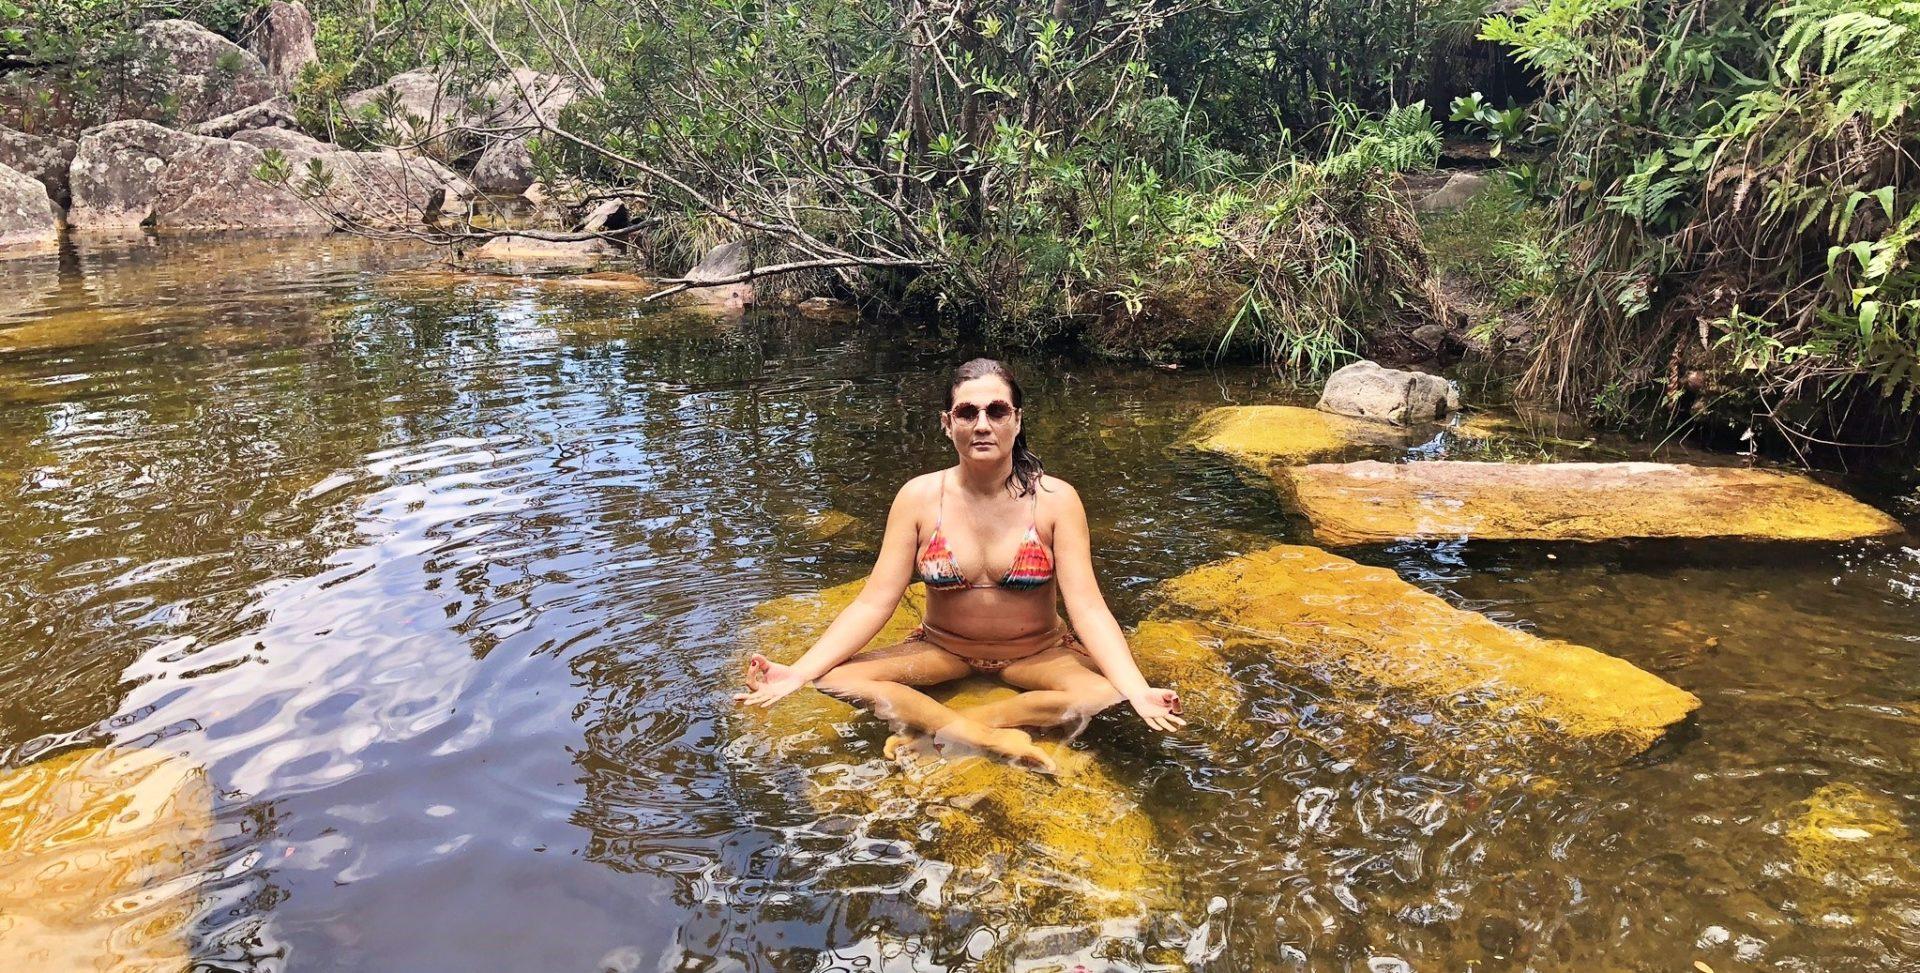 Cachoeira de Águas Claras